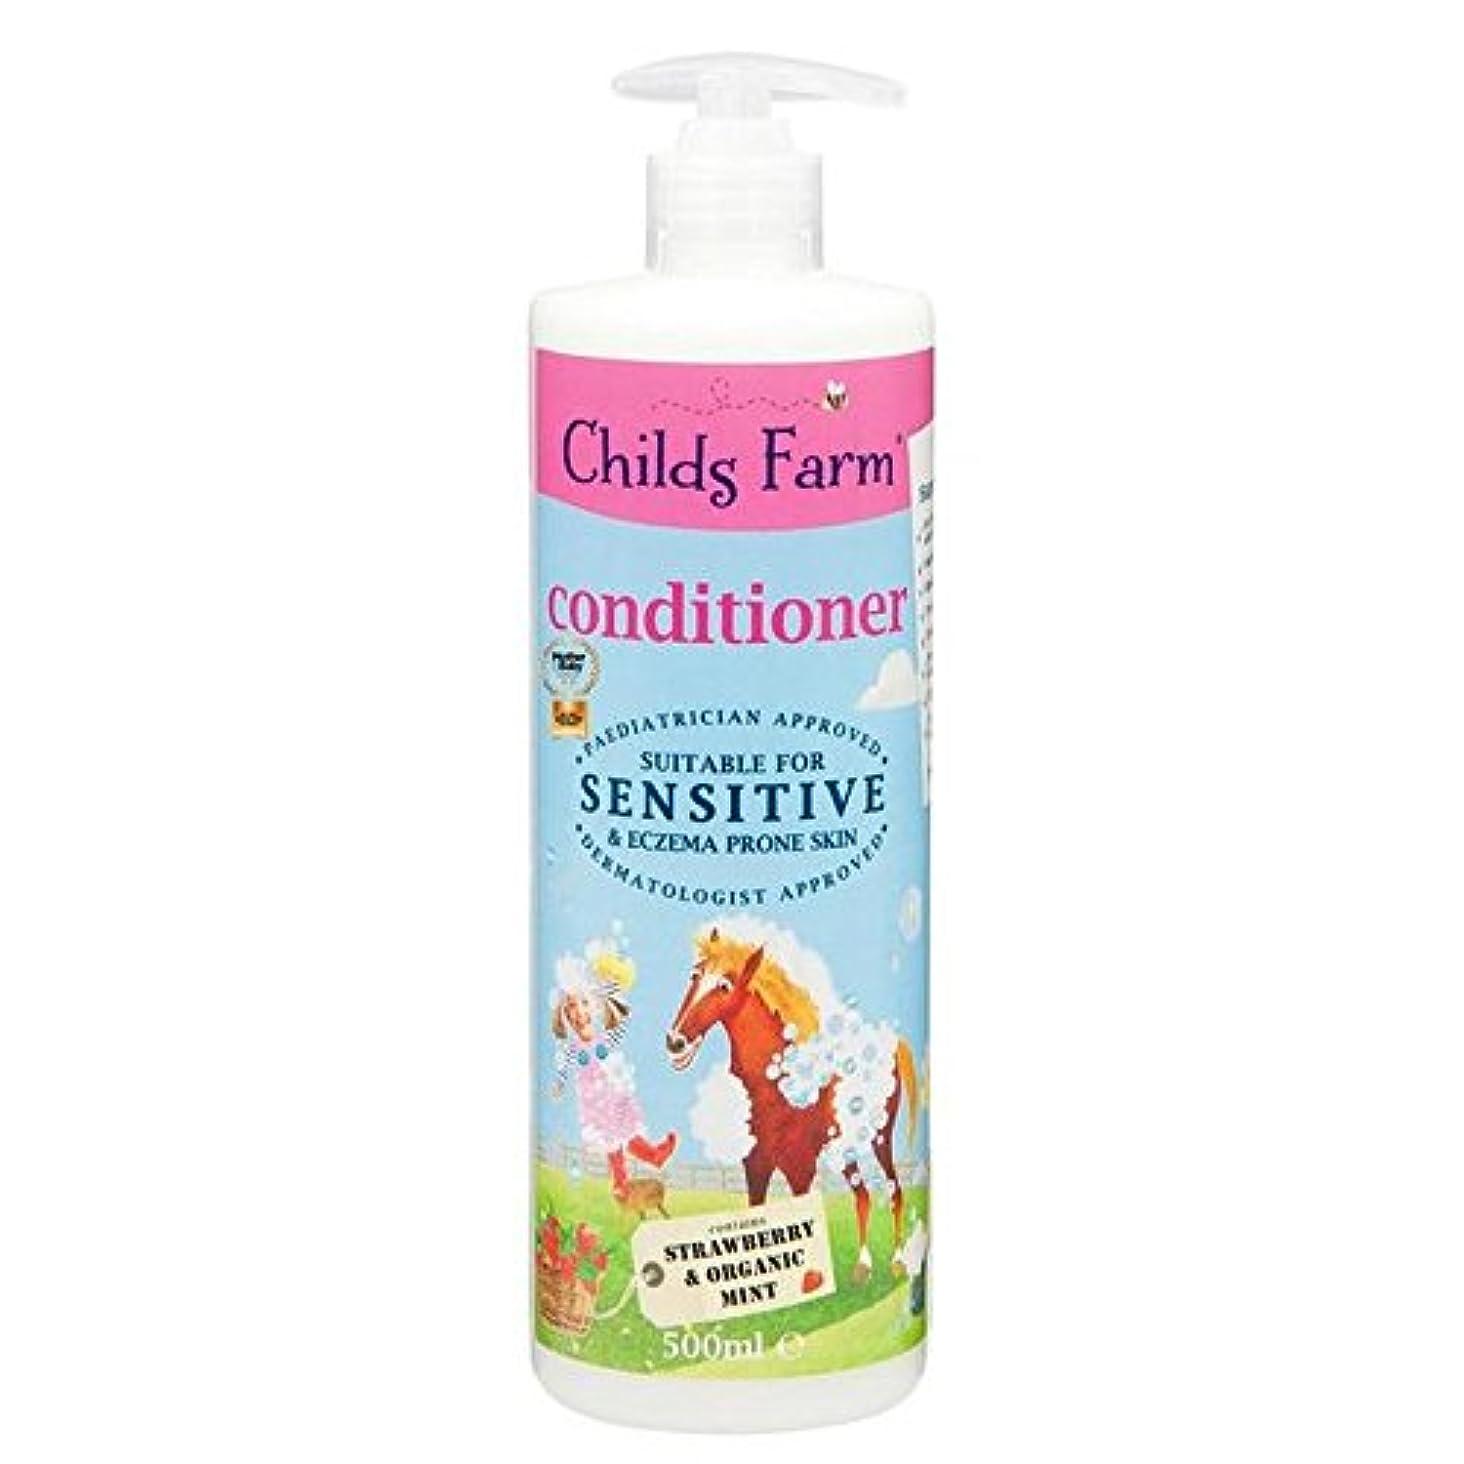 ミット試みる反逆者Childs Farm Conditioner for Unruly Hair 500ml - 手に負えない髪の500ミリリットルのためのチャイルズファームコンディショナー [並行輸入品]